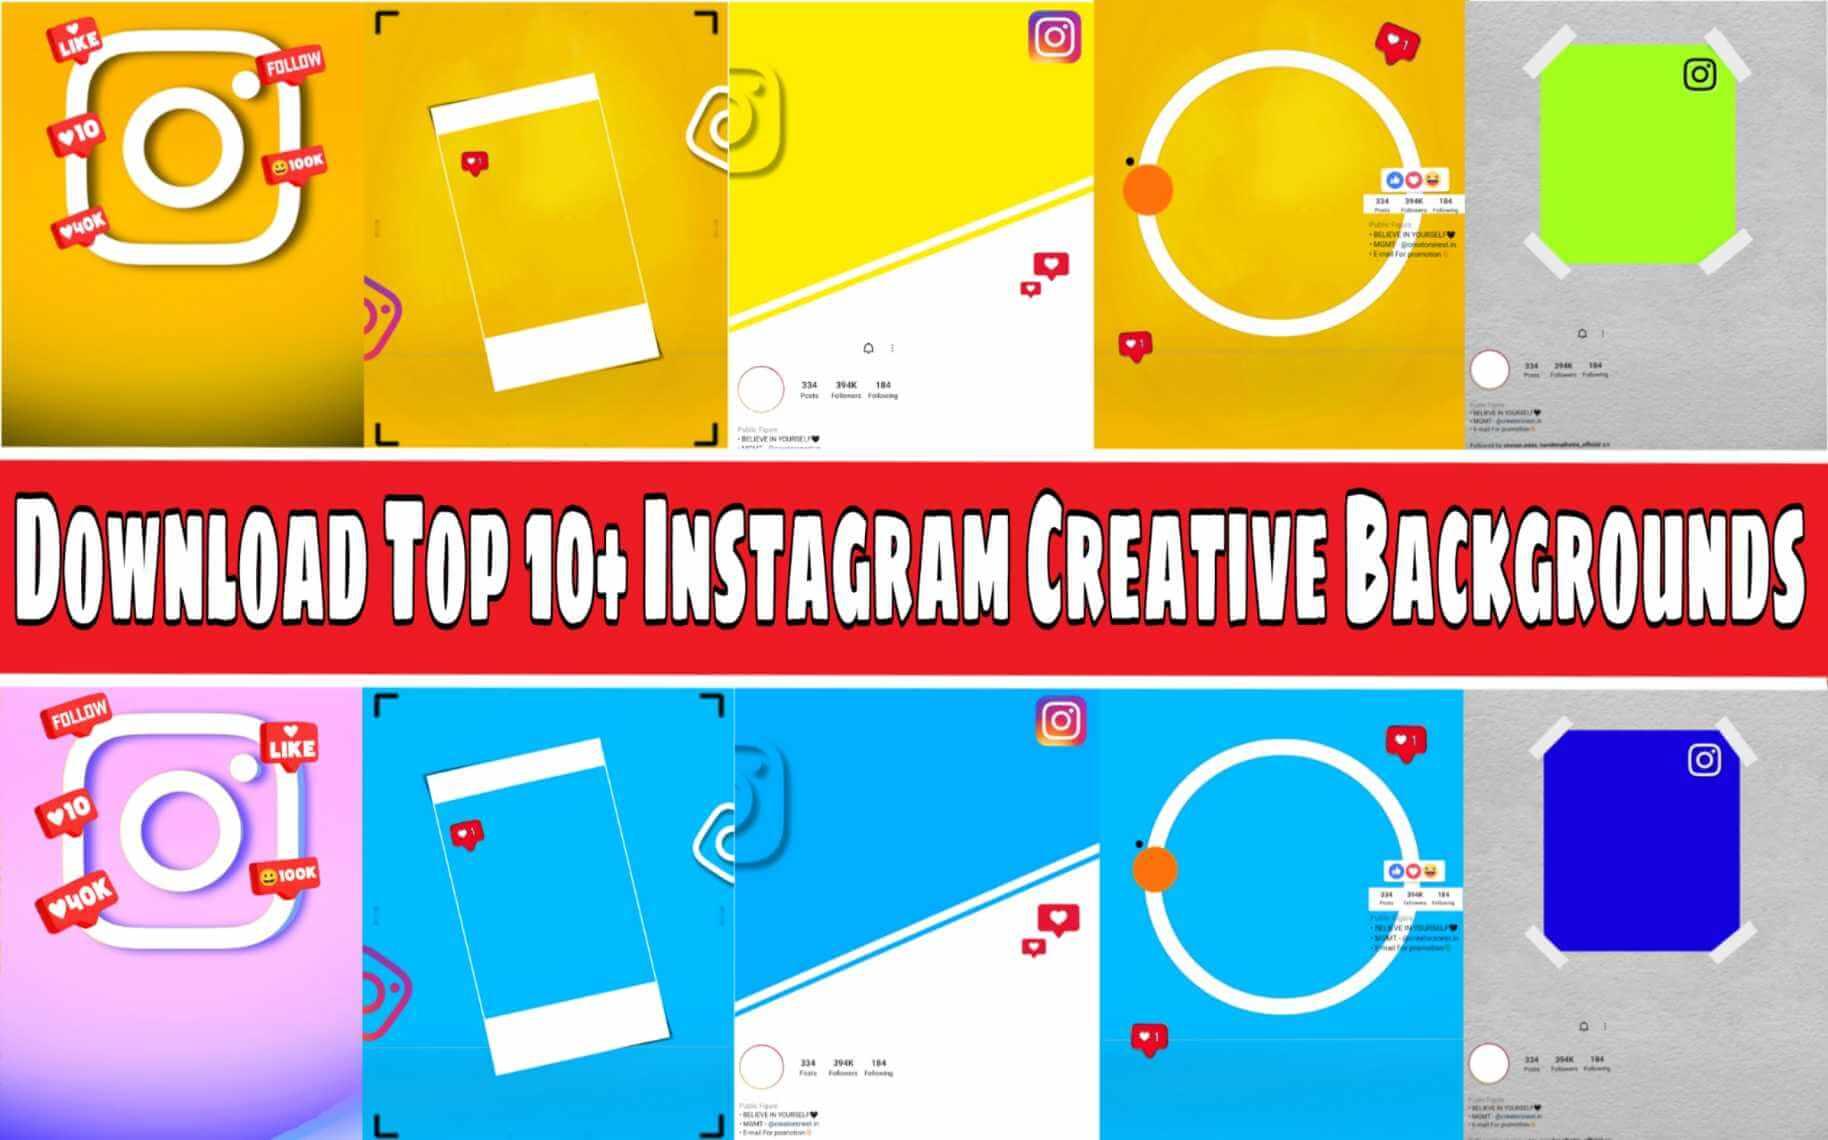 Instagram Creative Background